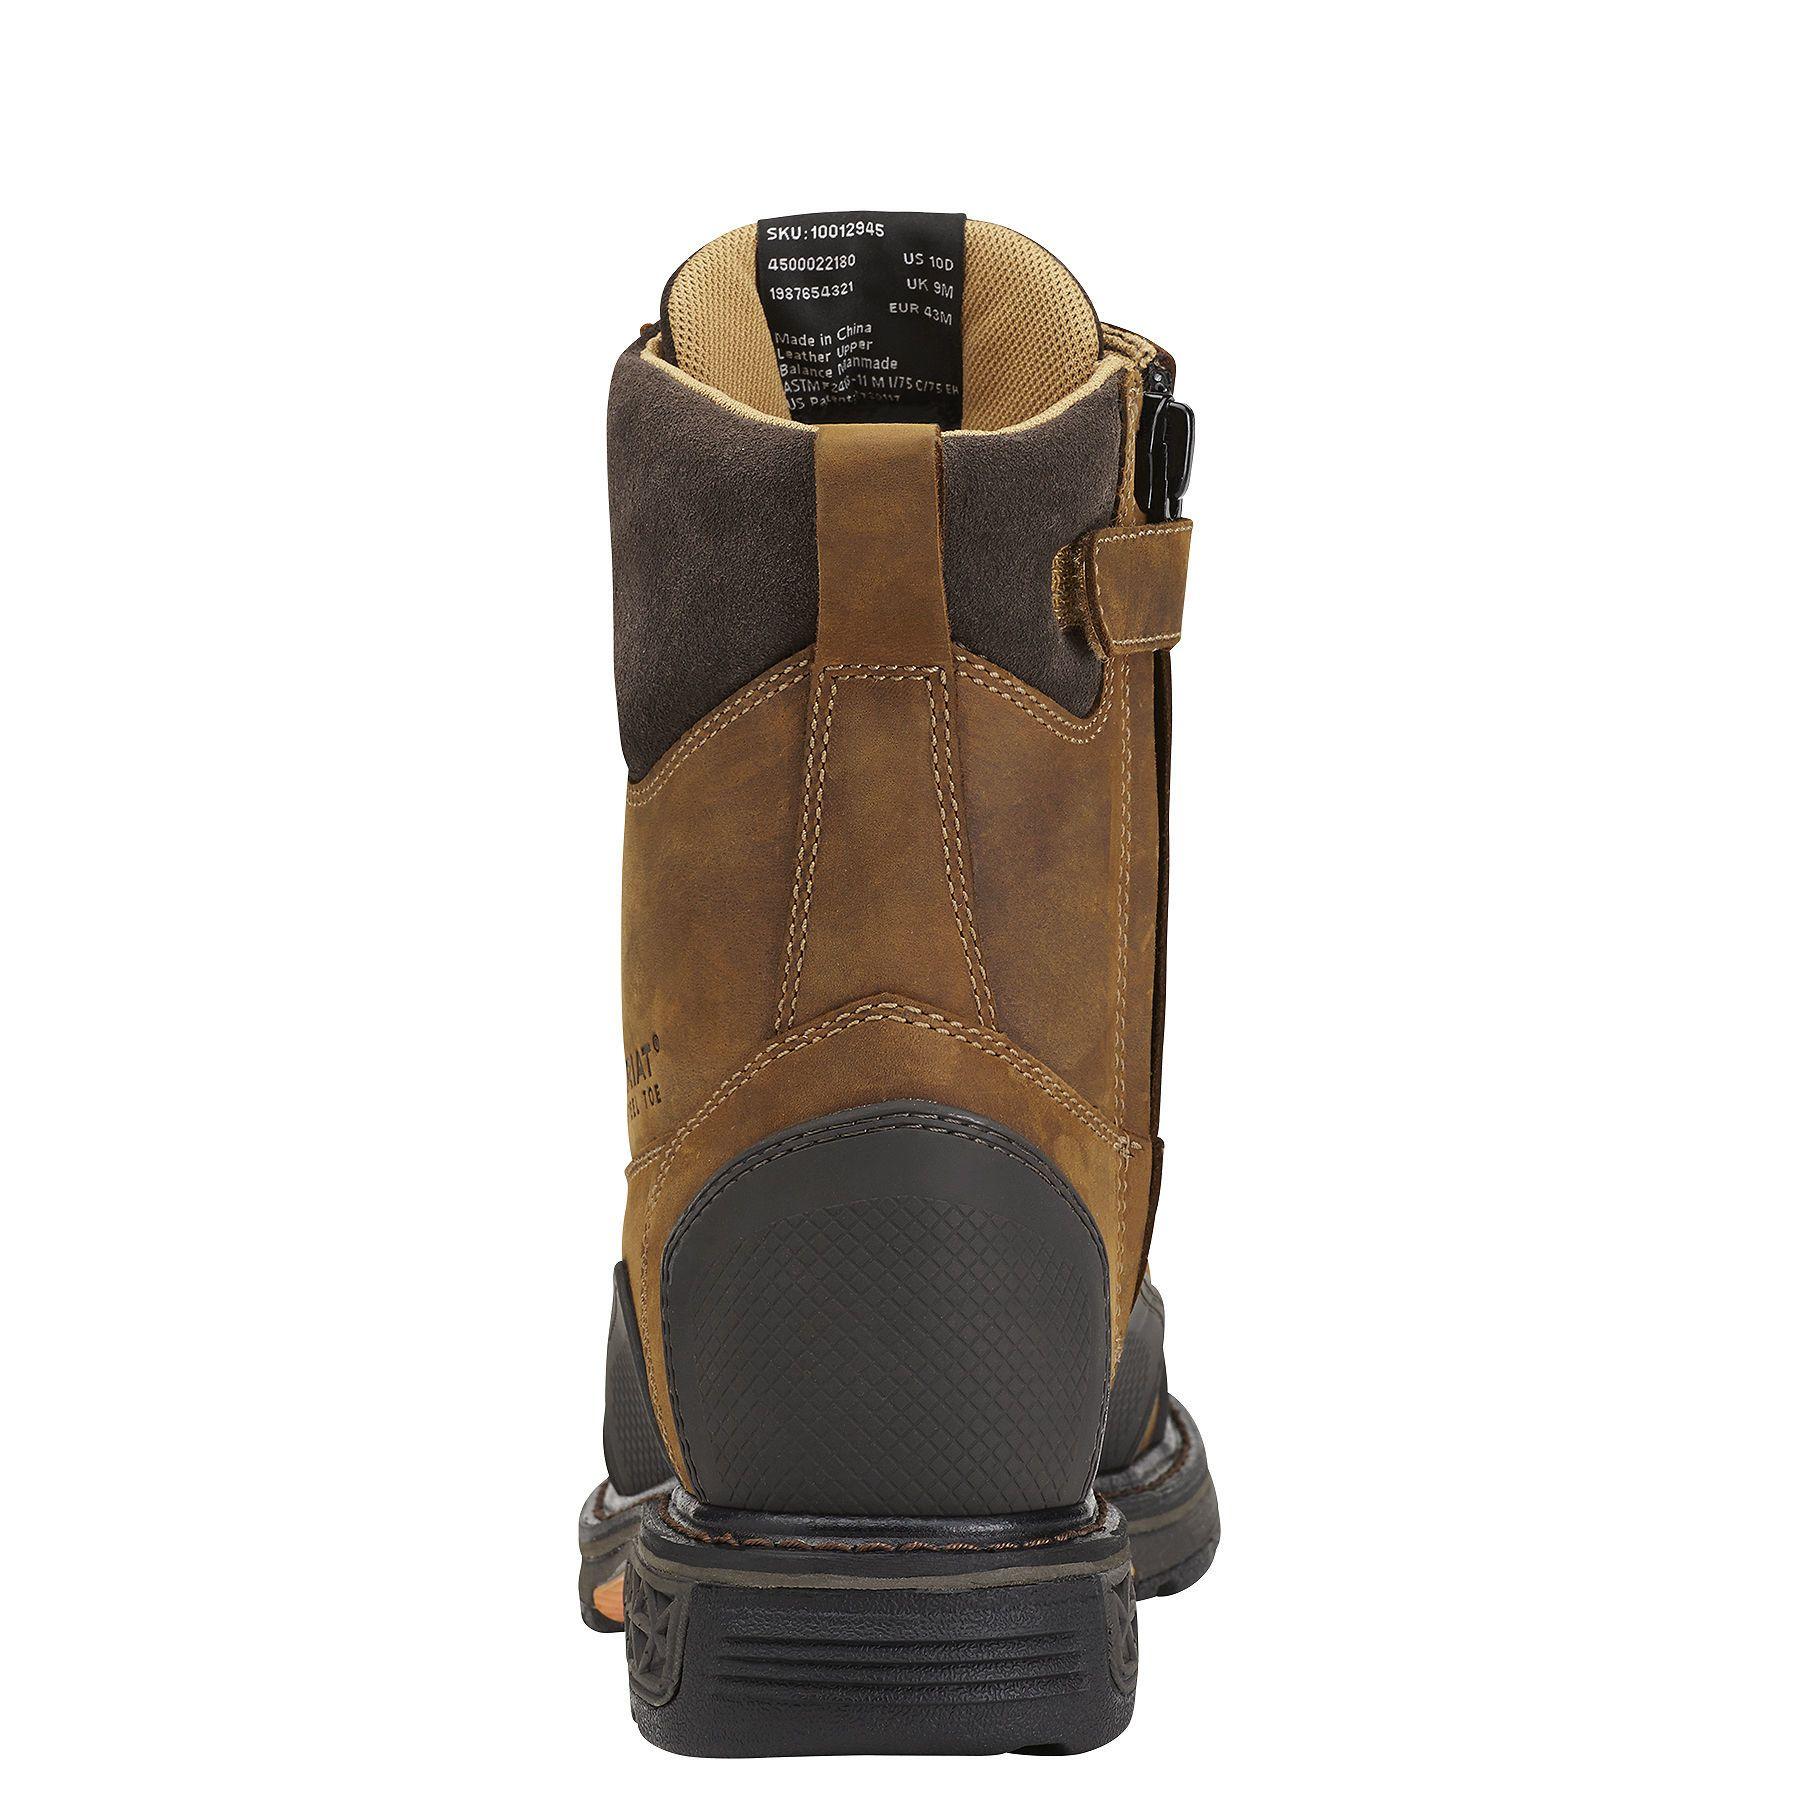 Overdrive Xtr 8 Side Zip Steel Toe Work Boot Steel Toe Work Boots Boots Steel Toe